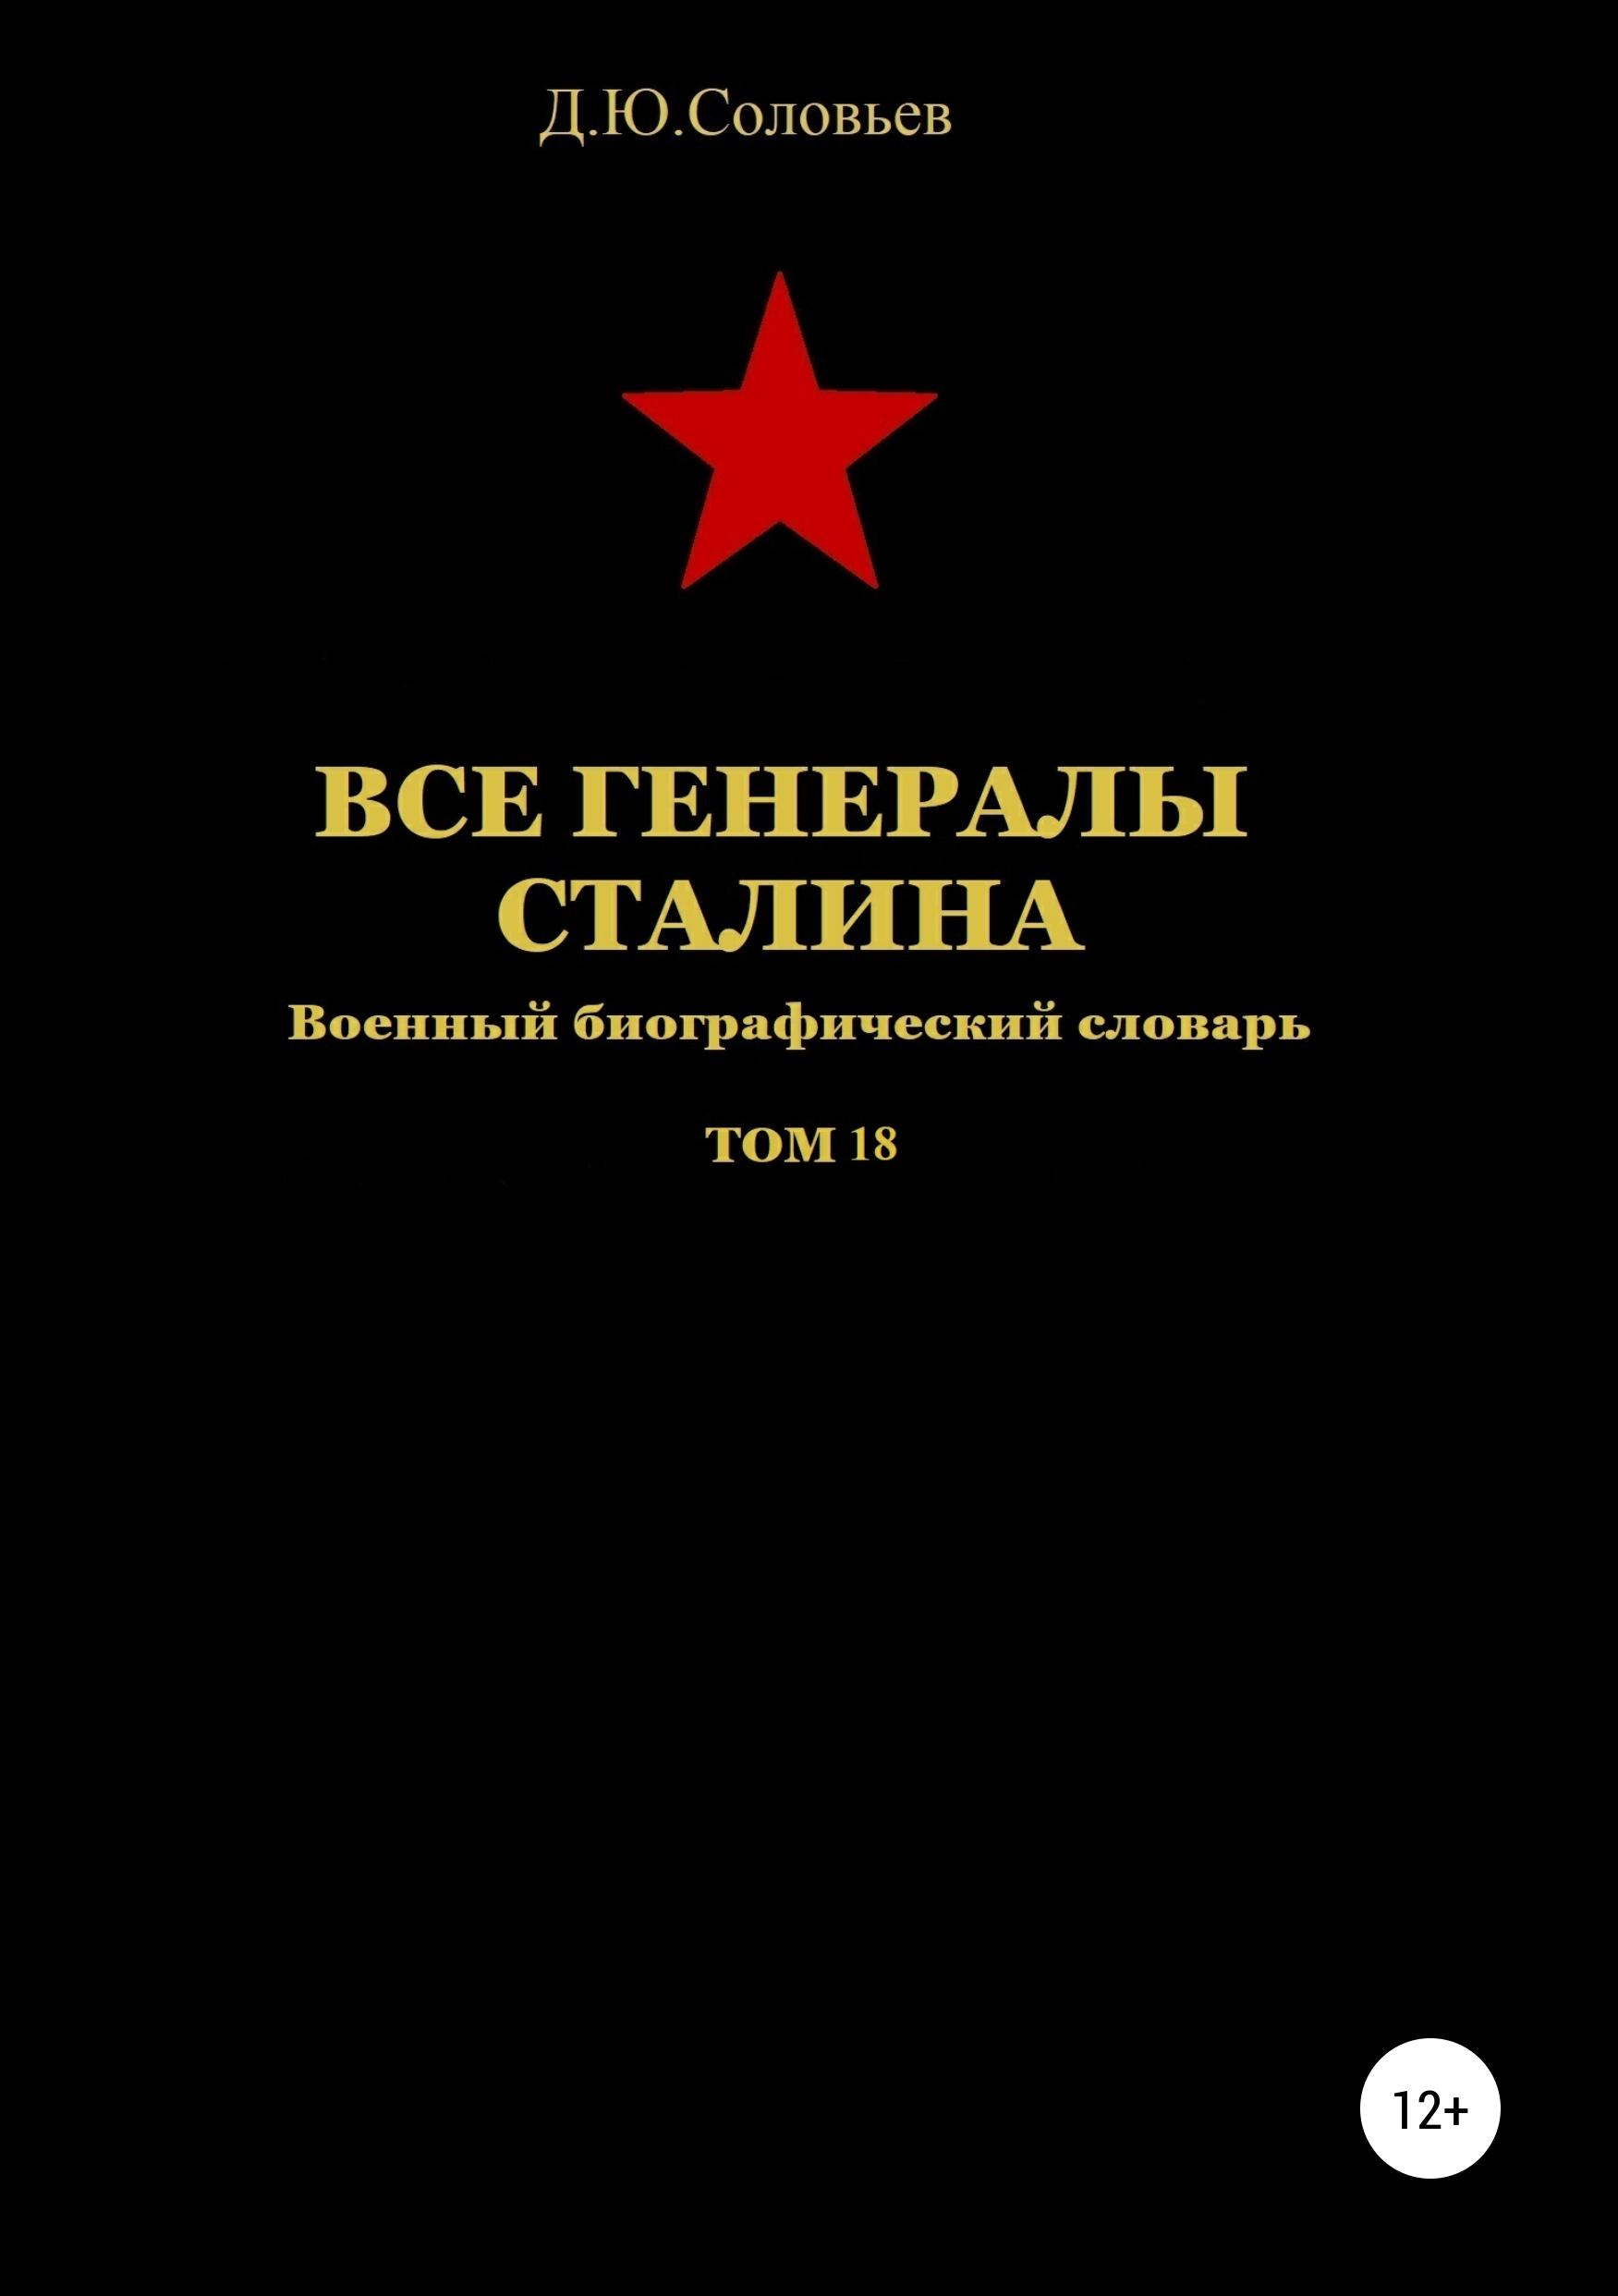 Все генералы Сталина. Том 18